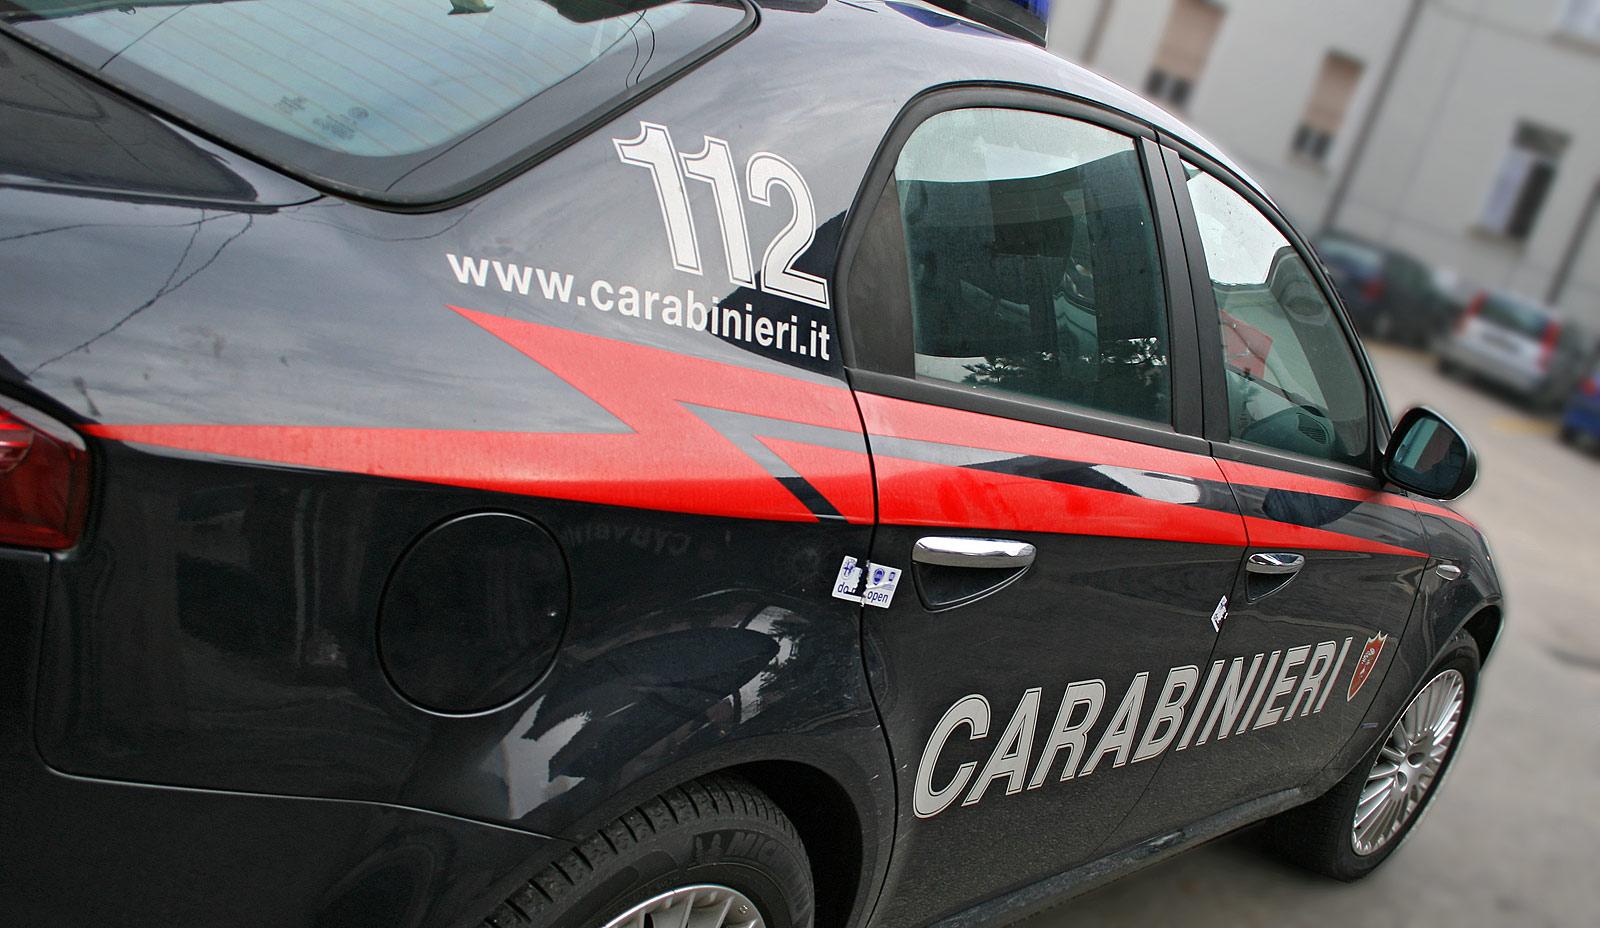 Droga ed estorsioni: blitz dei carabinieri, dieci arresti e quarantotto indagati